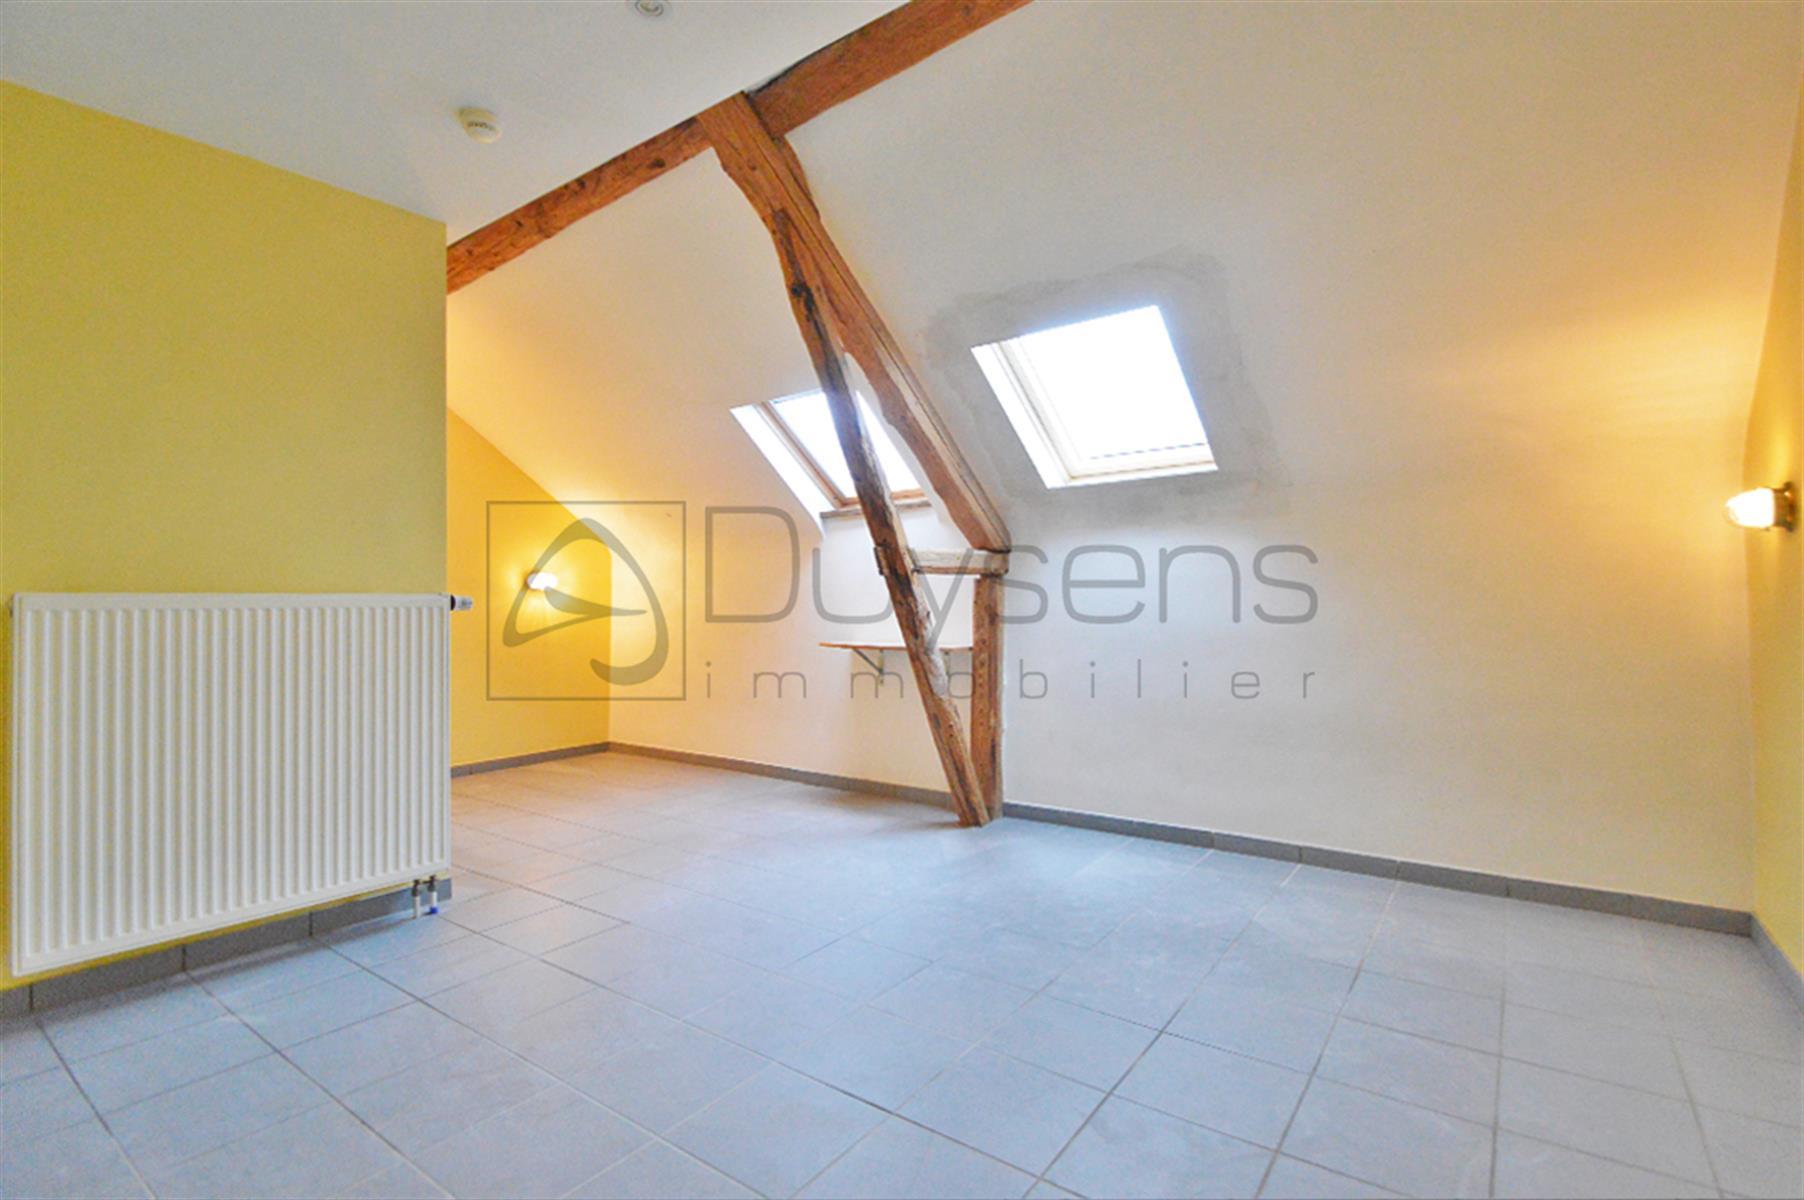 Duplex - Rochefort - #3966453-3